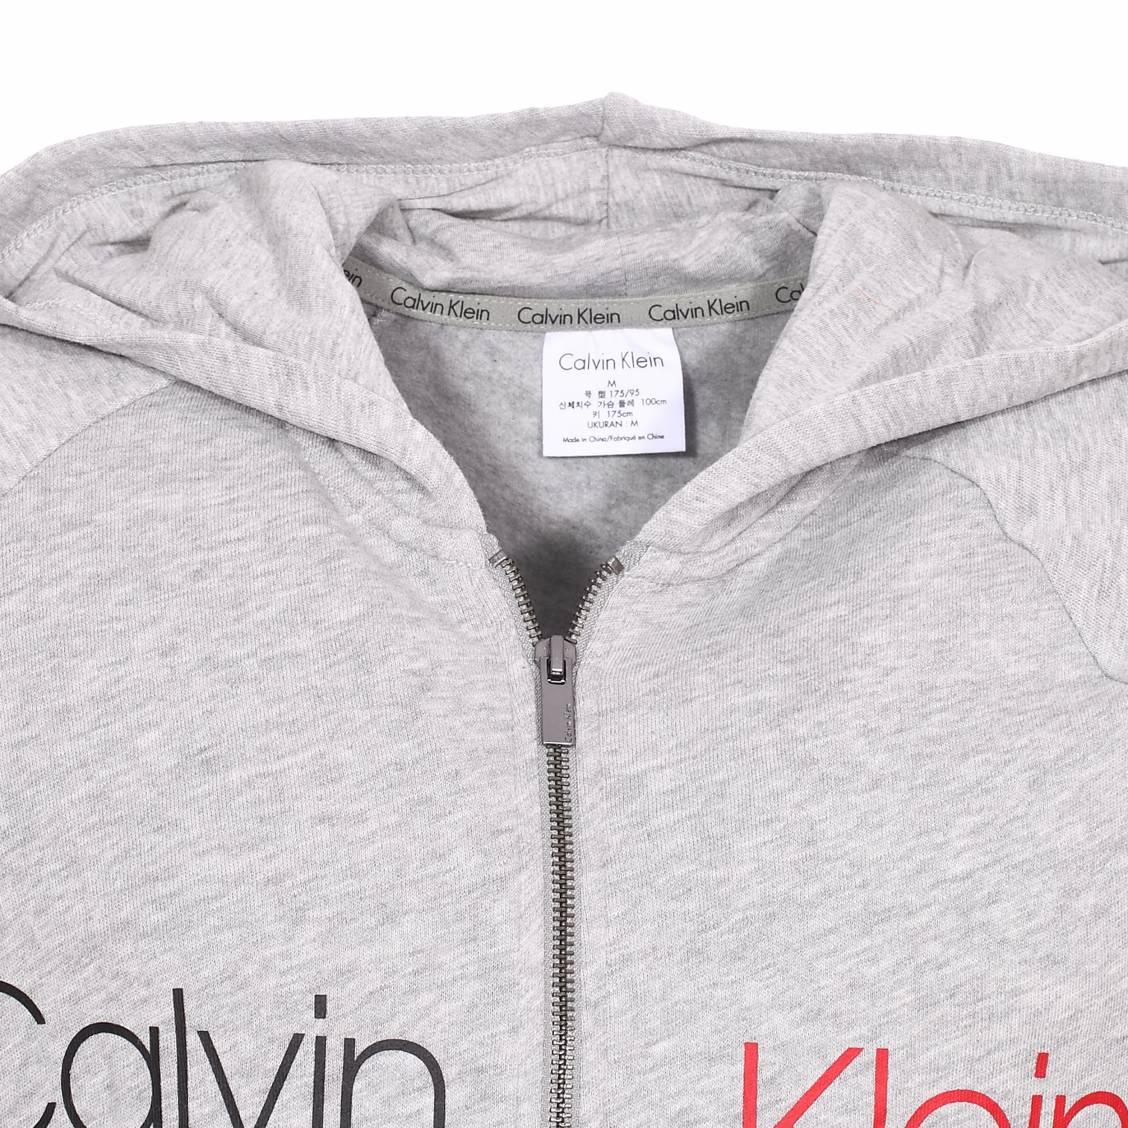 041a25f9803 ... Sweat à capuche zippé Calvin Klein en molleton gris chiné ...